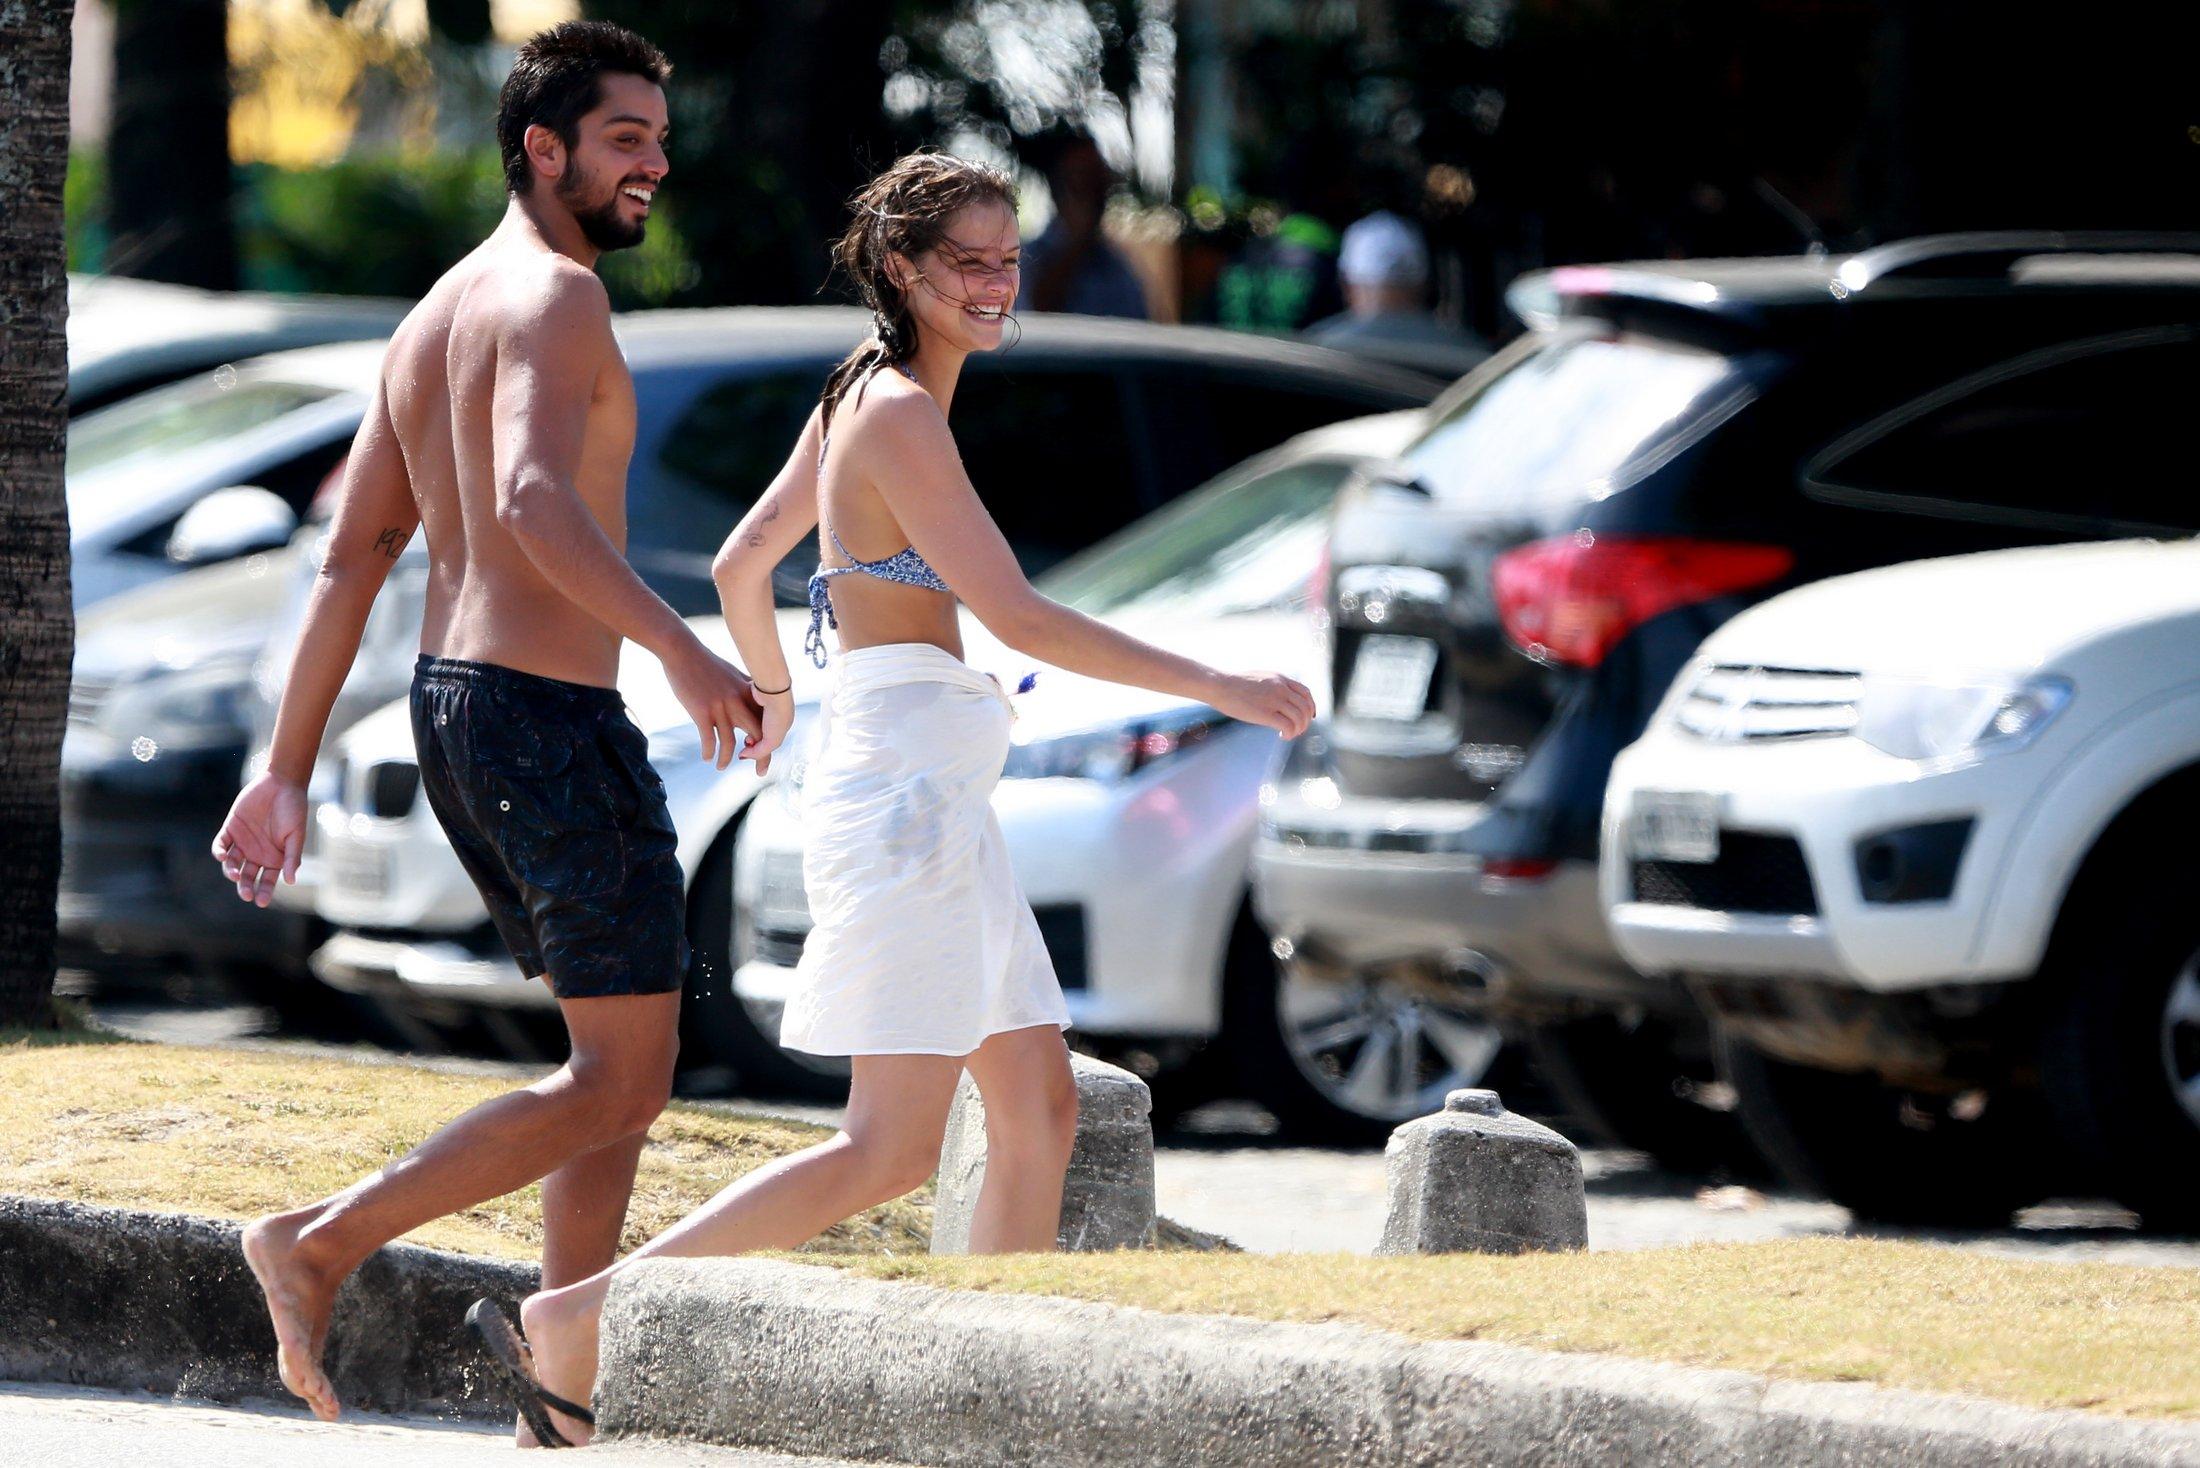 Rodrigo Simas e Agatha Moreira saindo da praia da Barra da Tijuca (Foto: Divulgação/Dilson Silva)